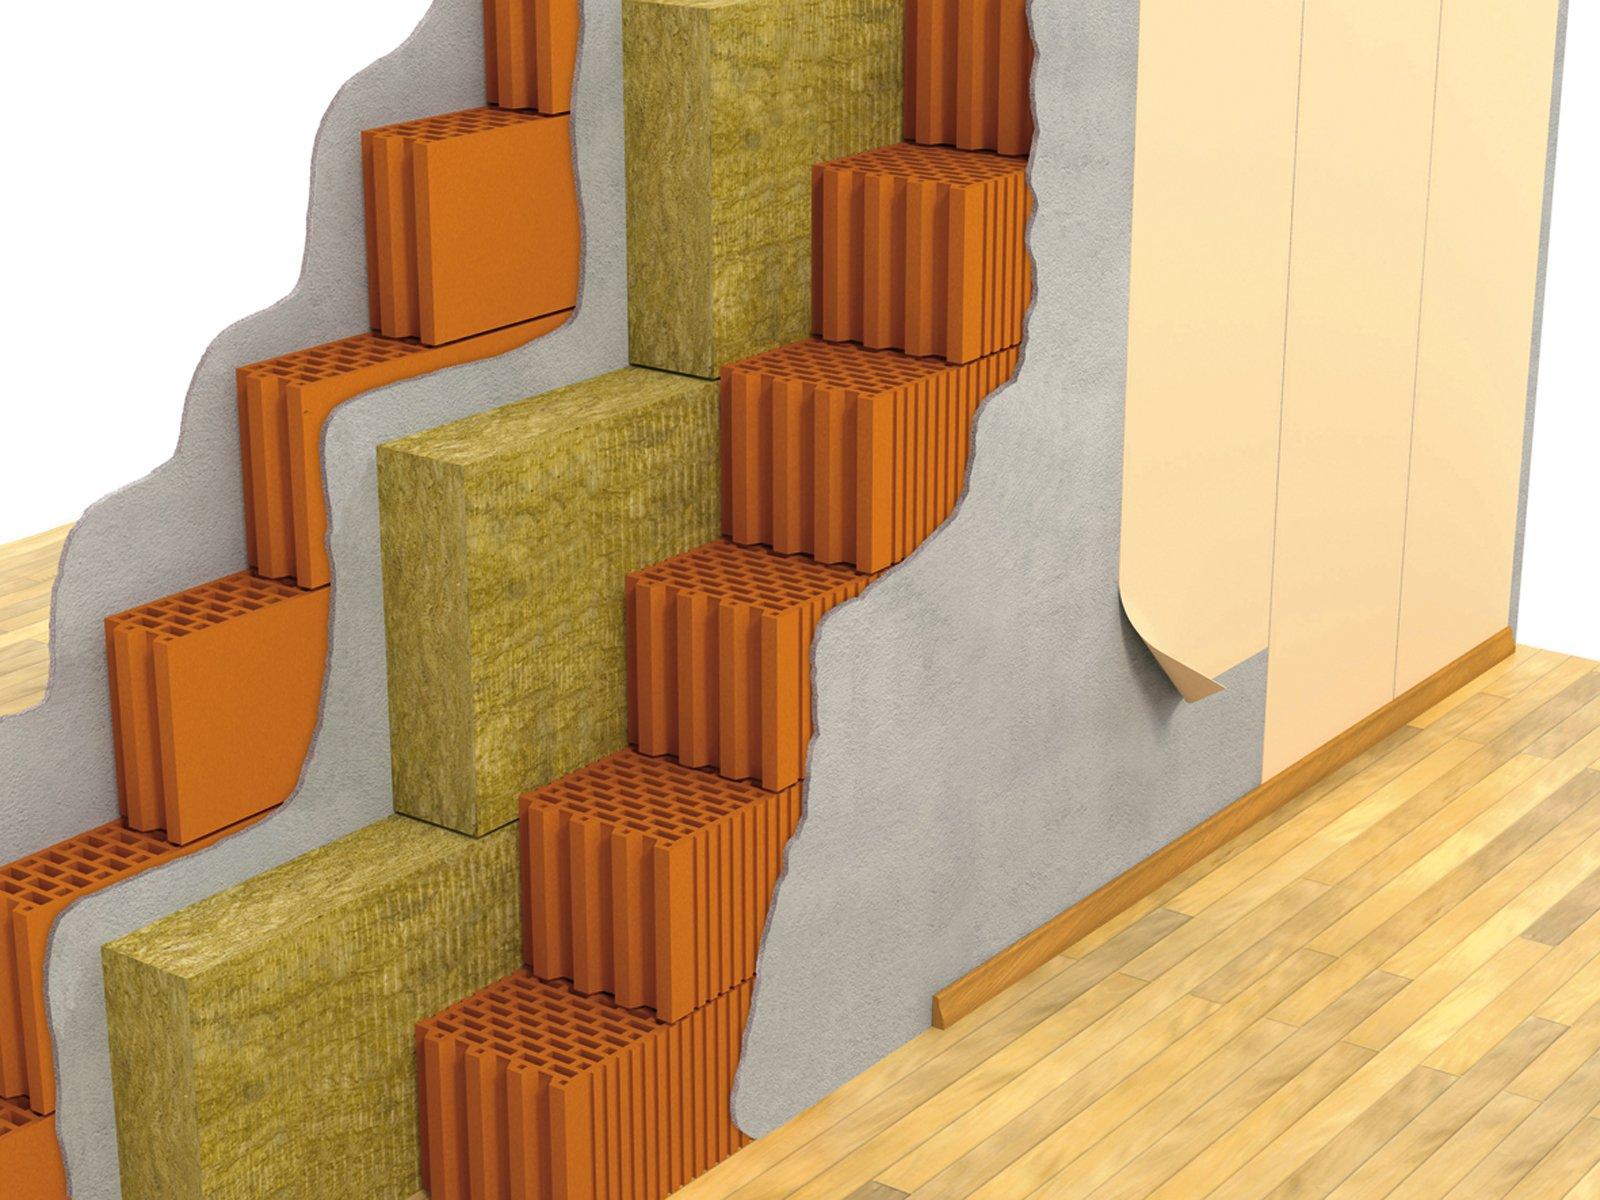 Rumori in casa come prevenirli o eliminarli cose di casa - Isolare il tetto dall interno ...